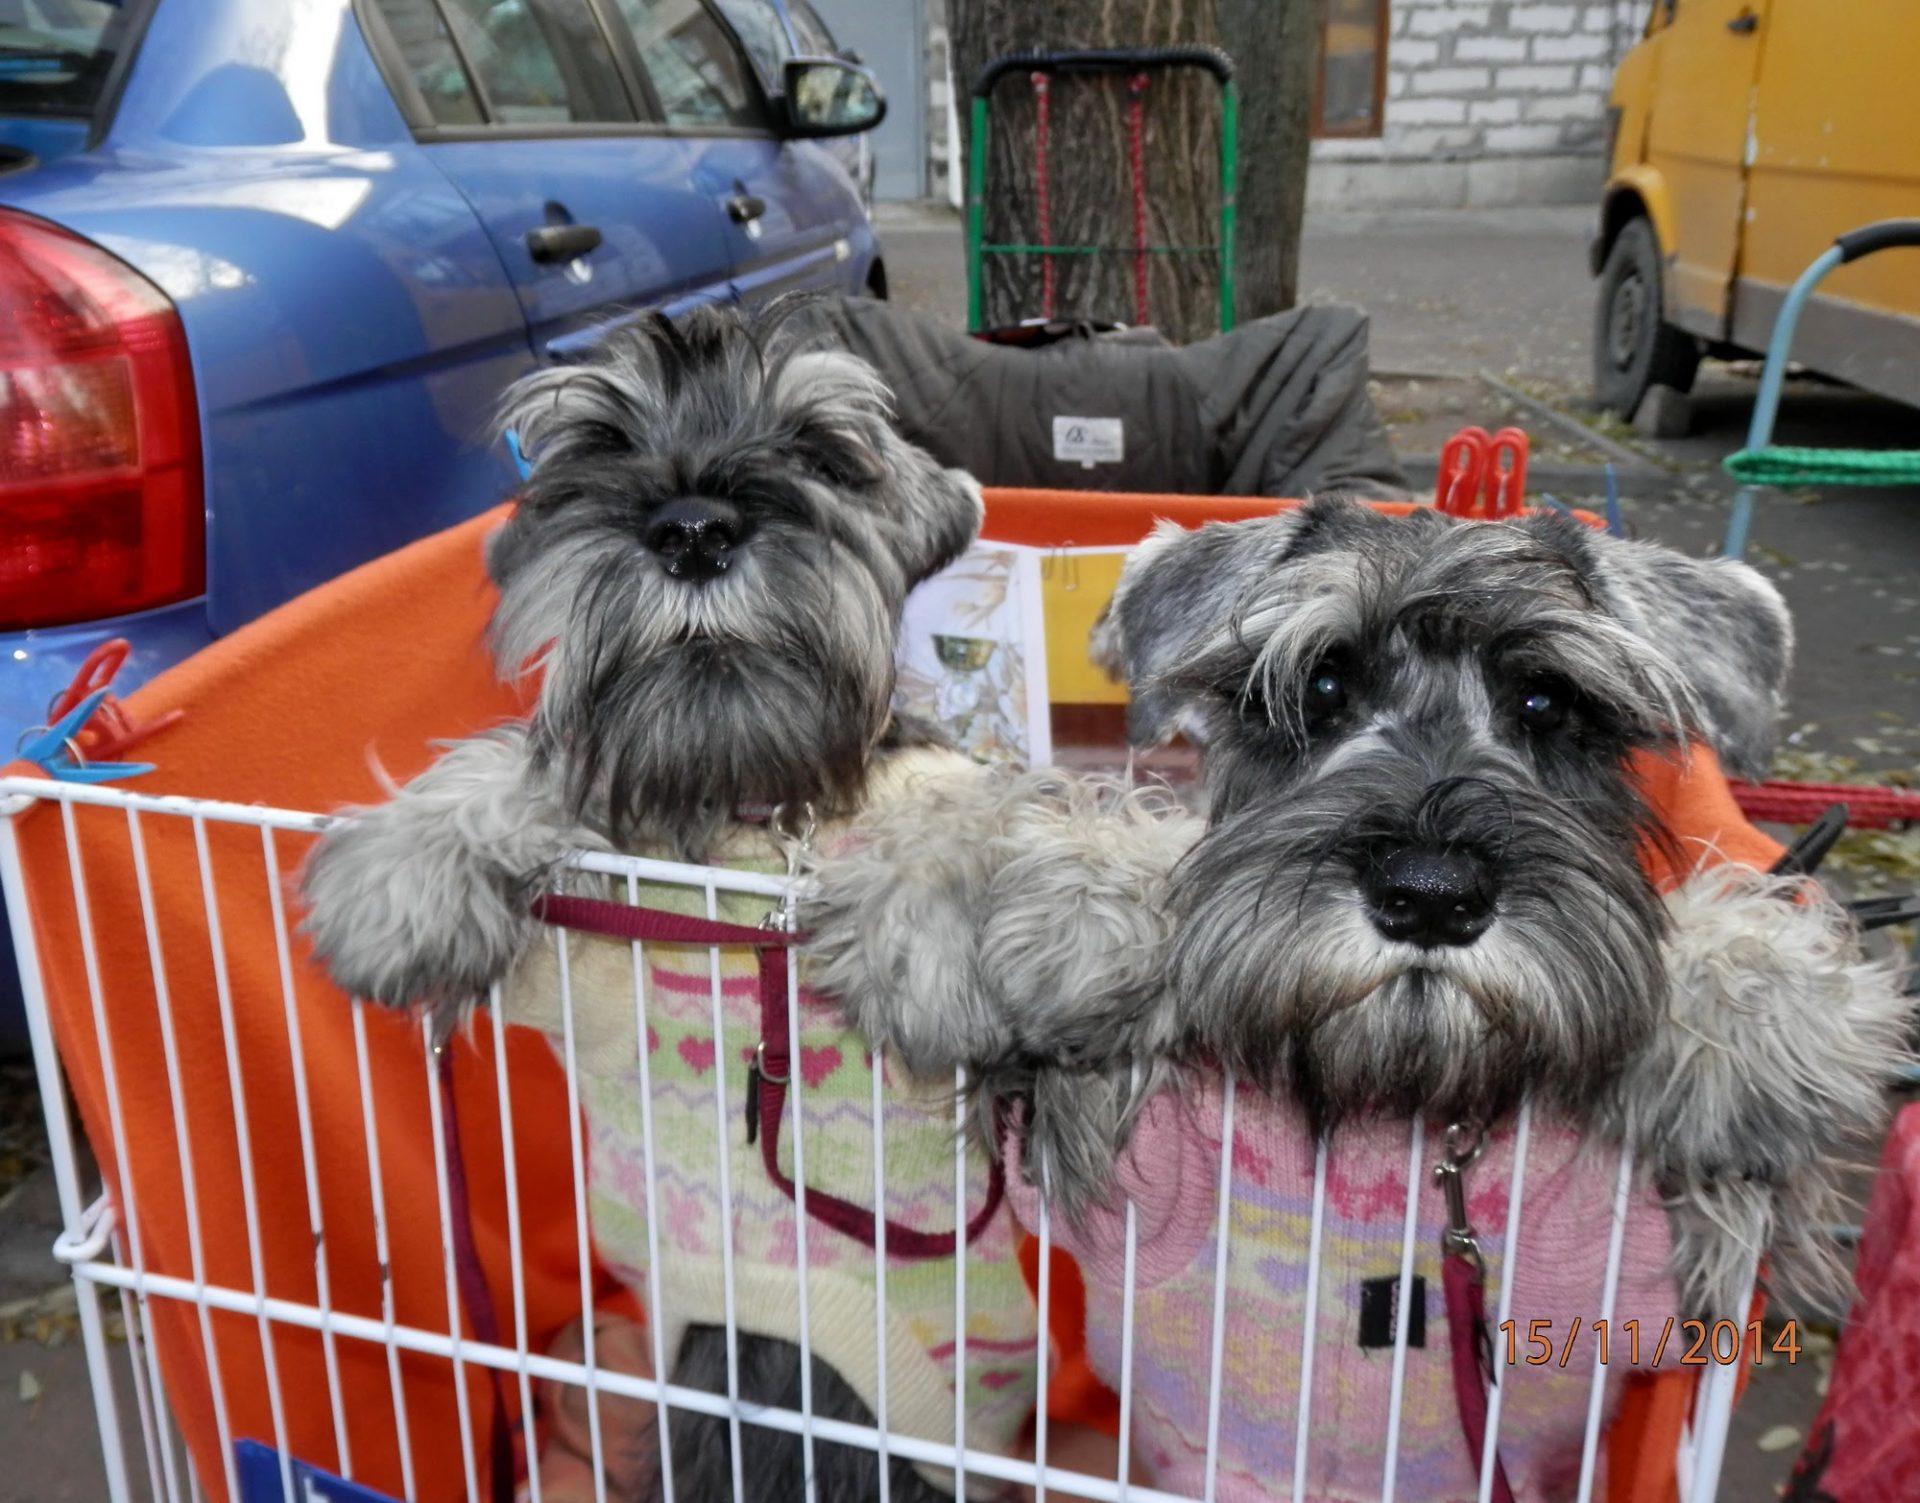 Цвергшнауцеры в корзине с покупками.